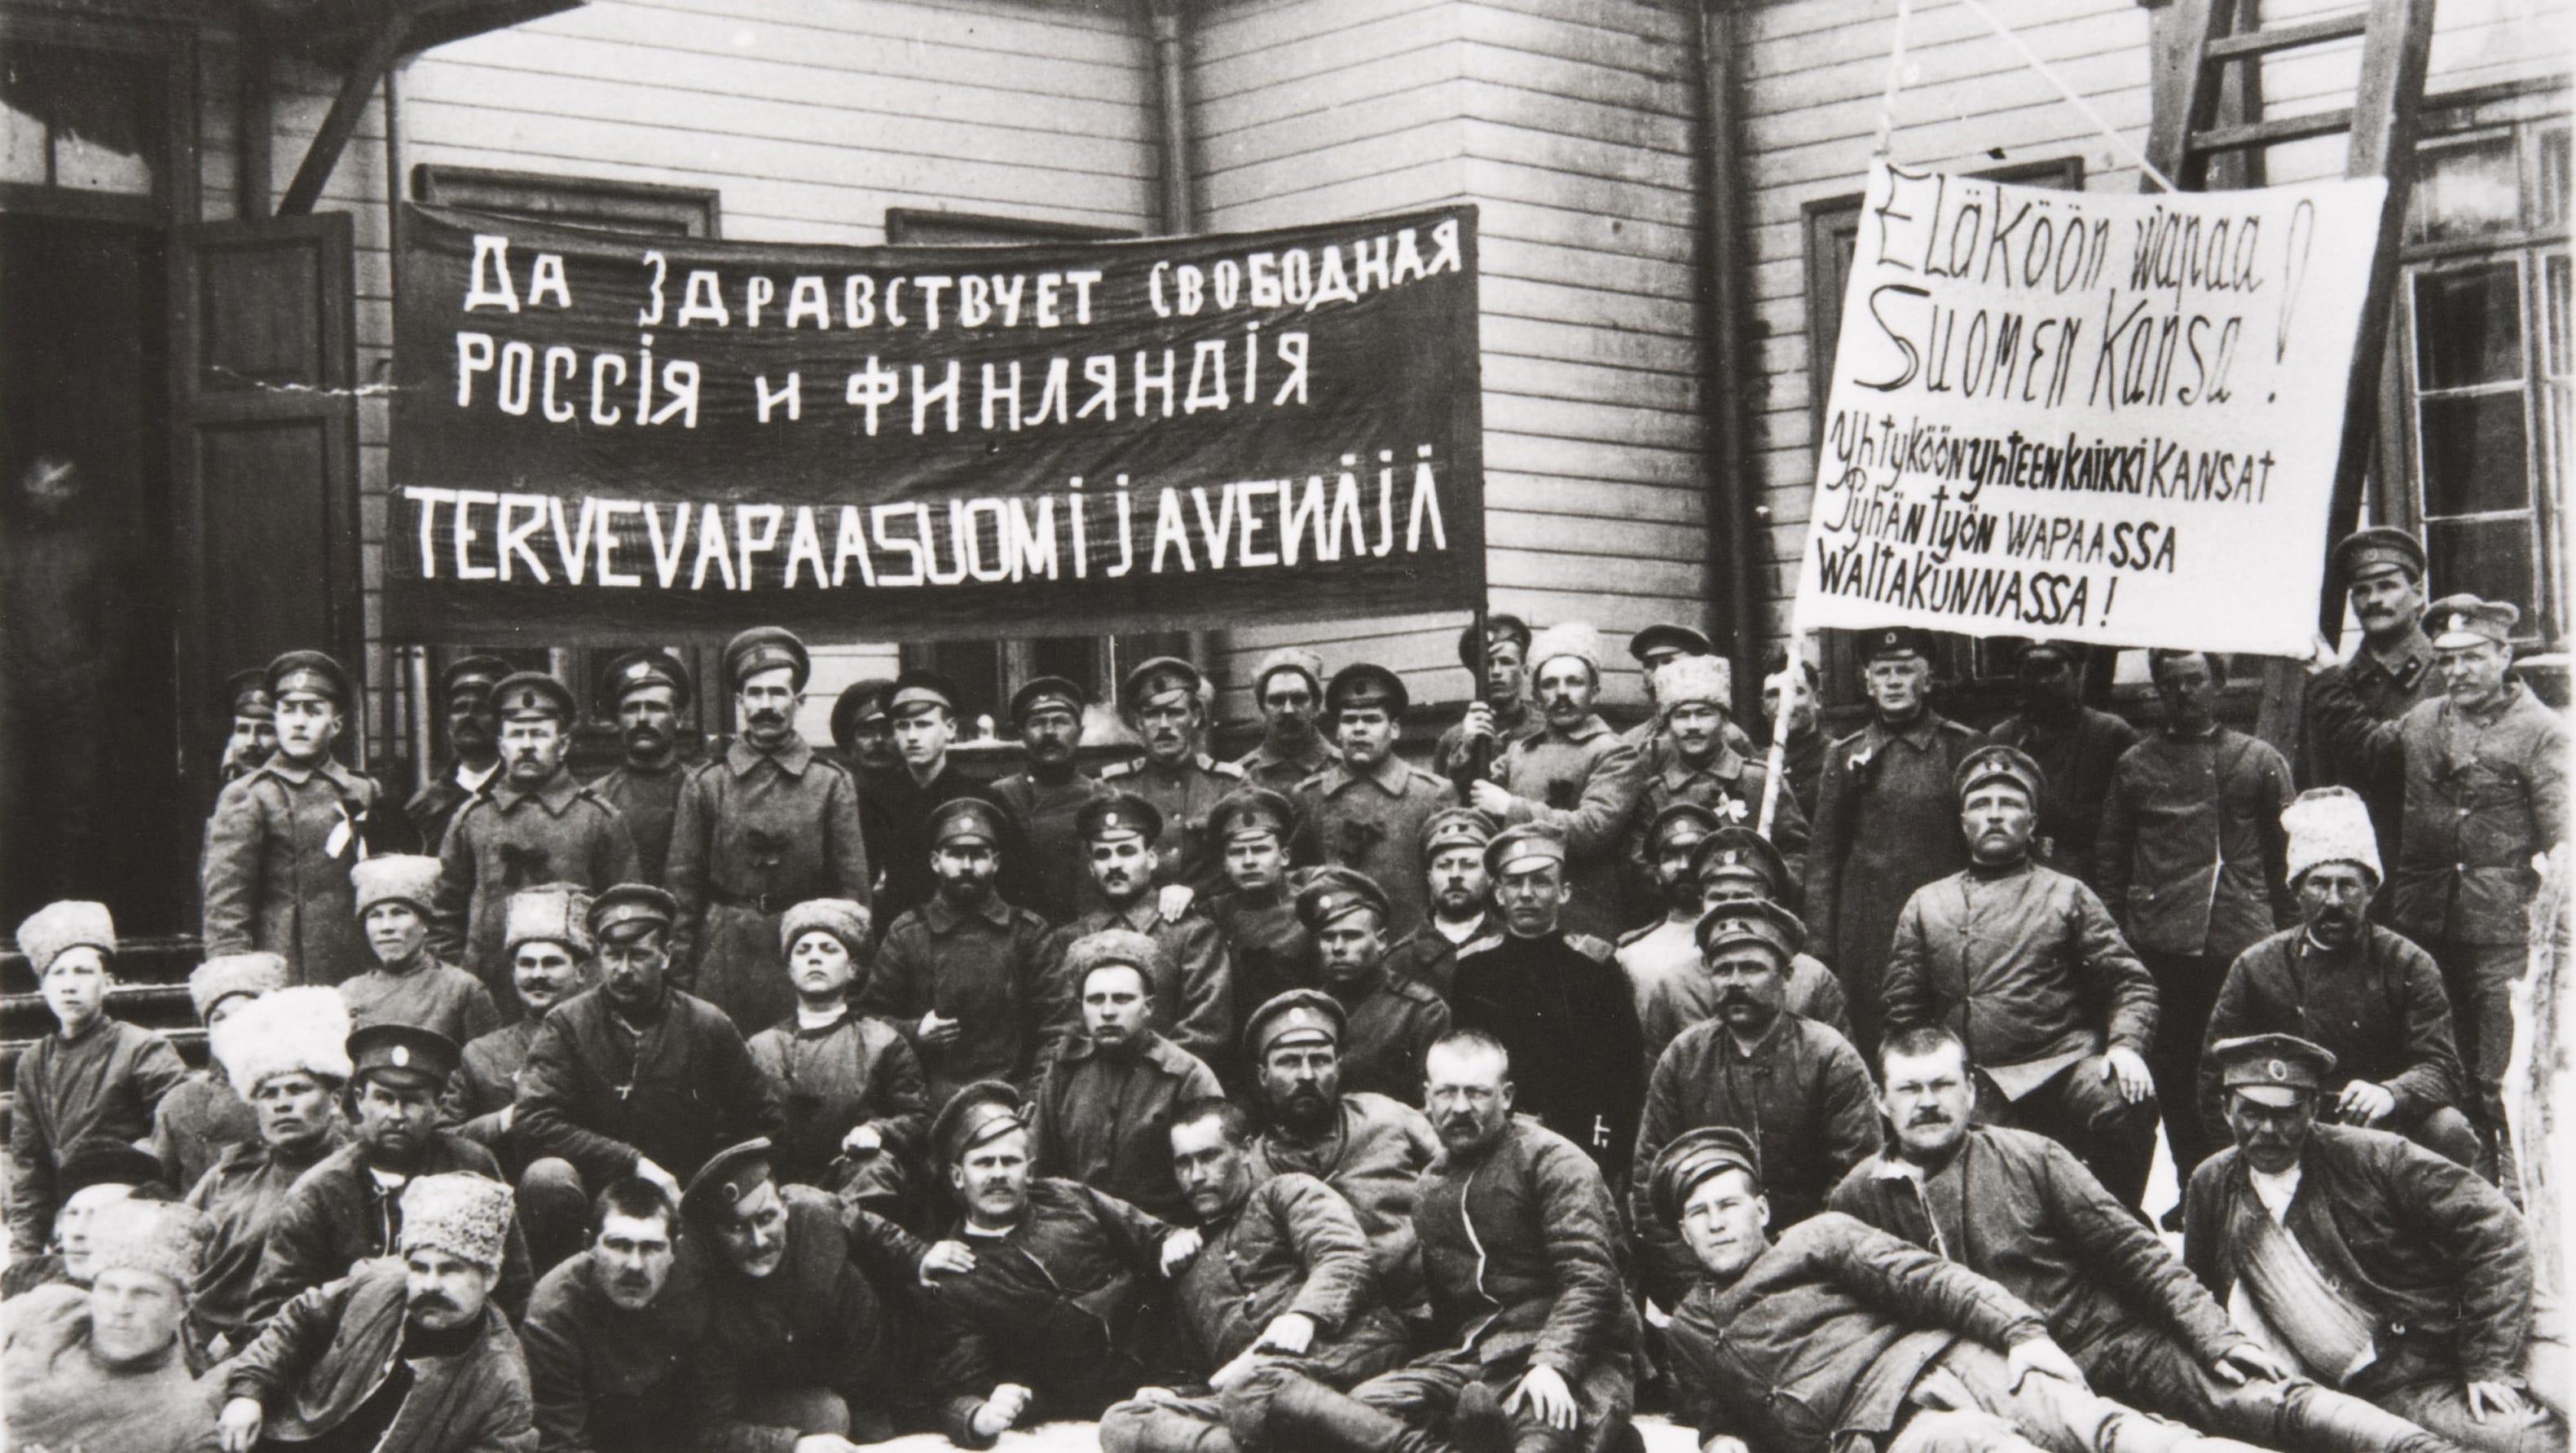 Eduskuntavaalit 1917